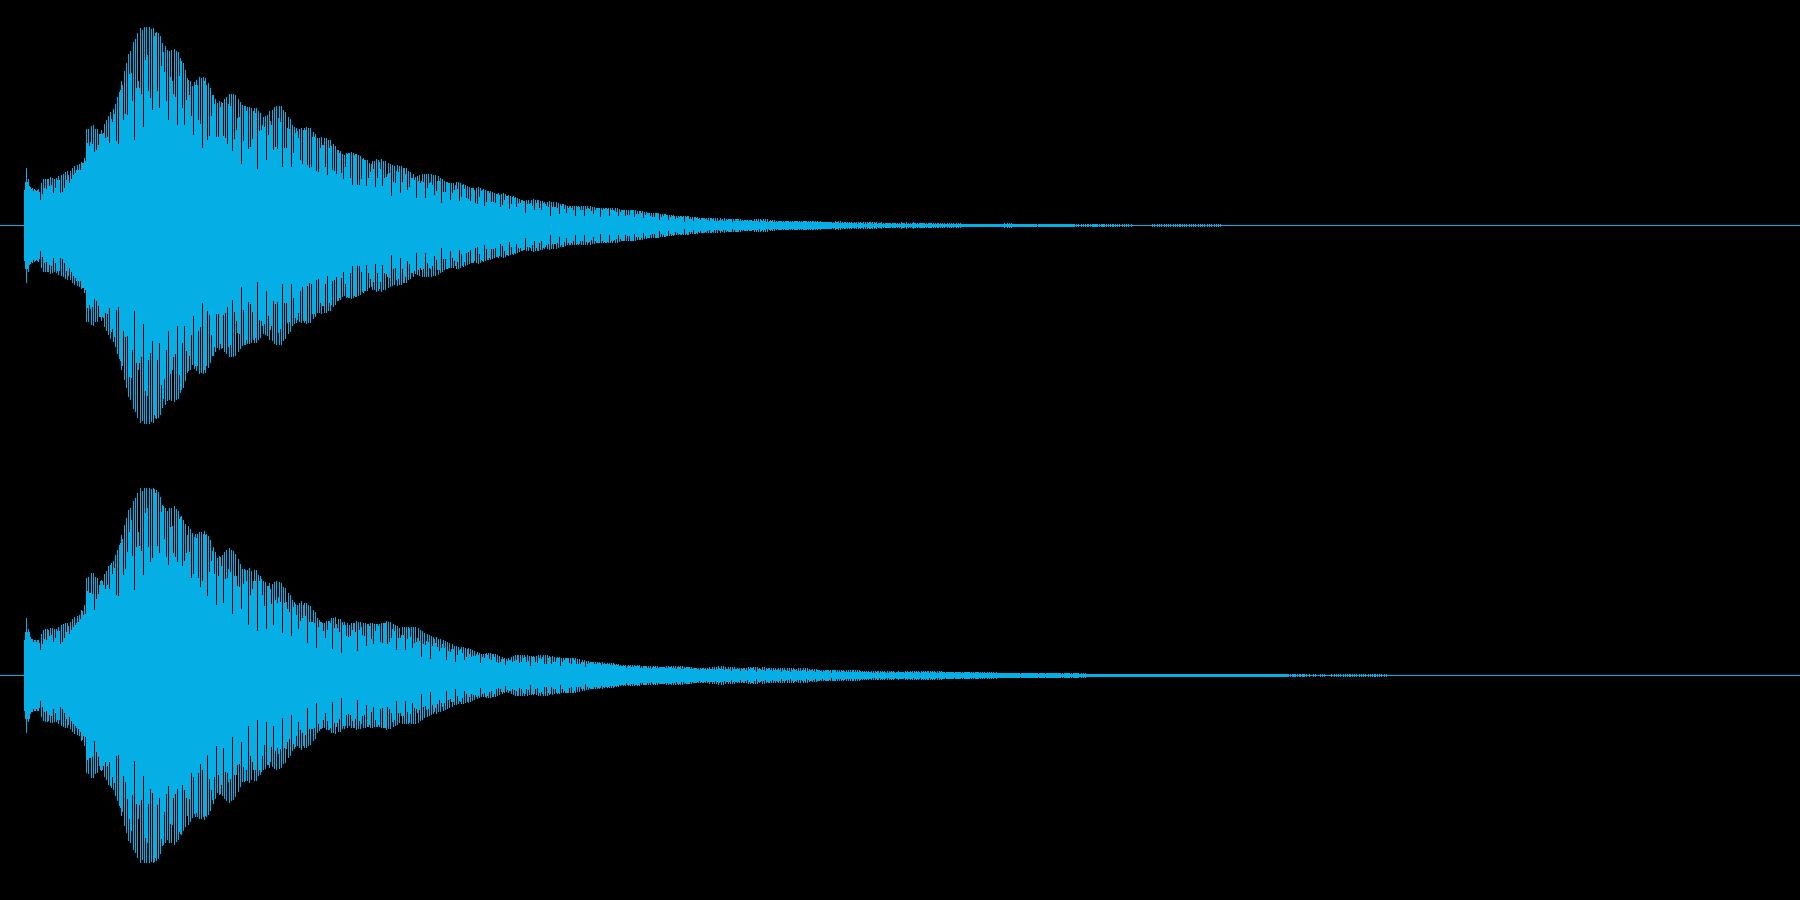 ティロン【決定音:おしゃれで綺麗】の再生済みの波形